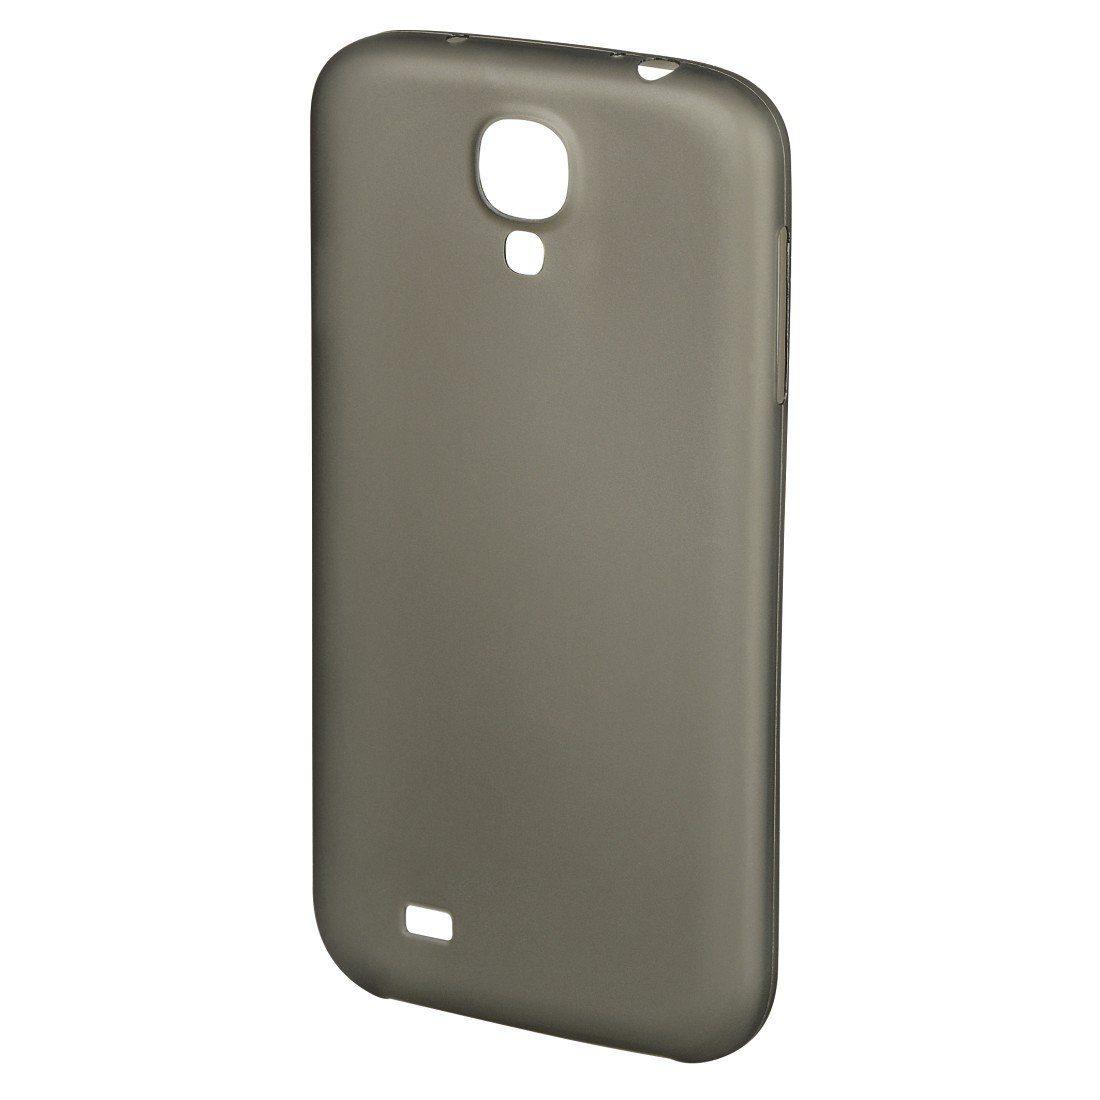 Hama Handy-Cover Ultra Slim für Samsung Galaxy S5 (Neo), Schwarz